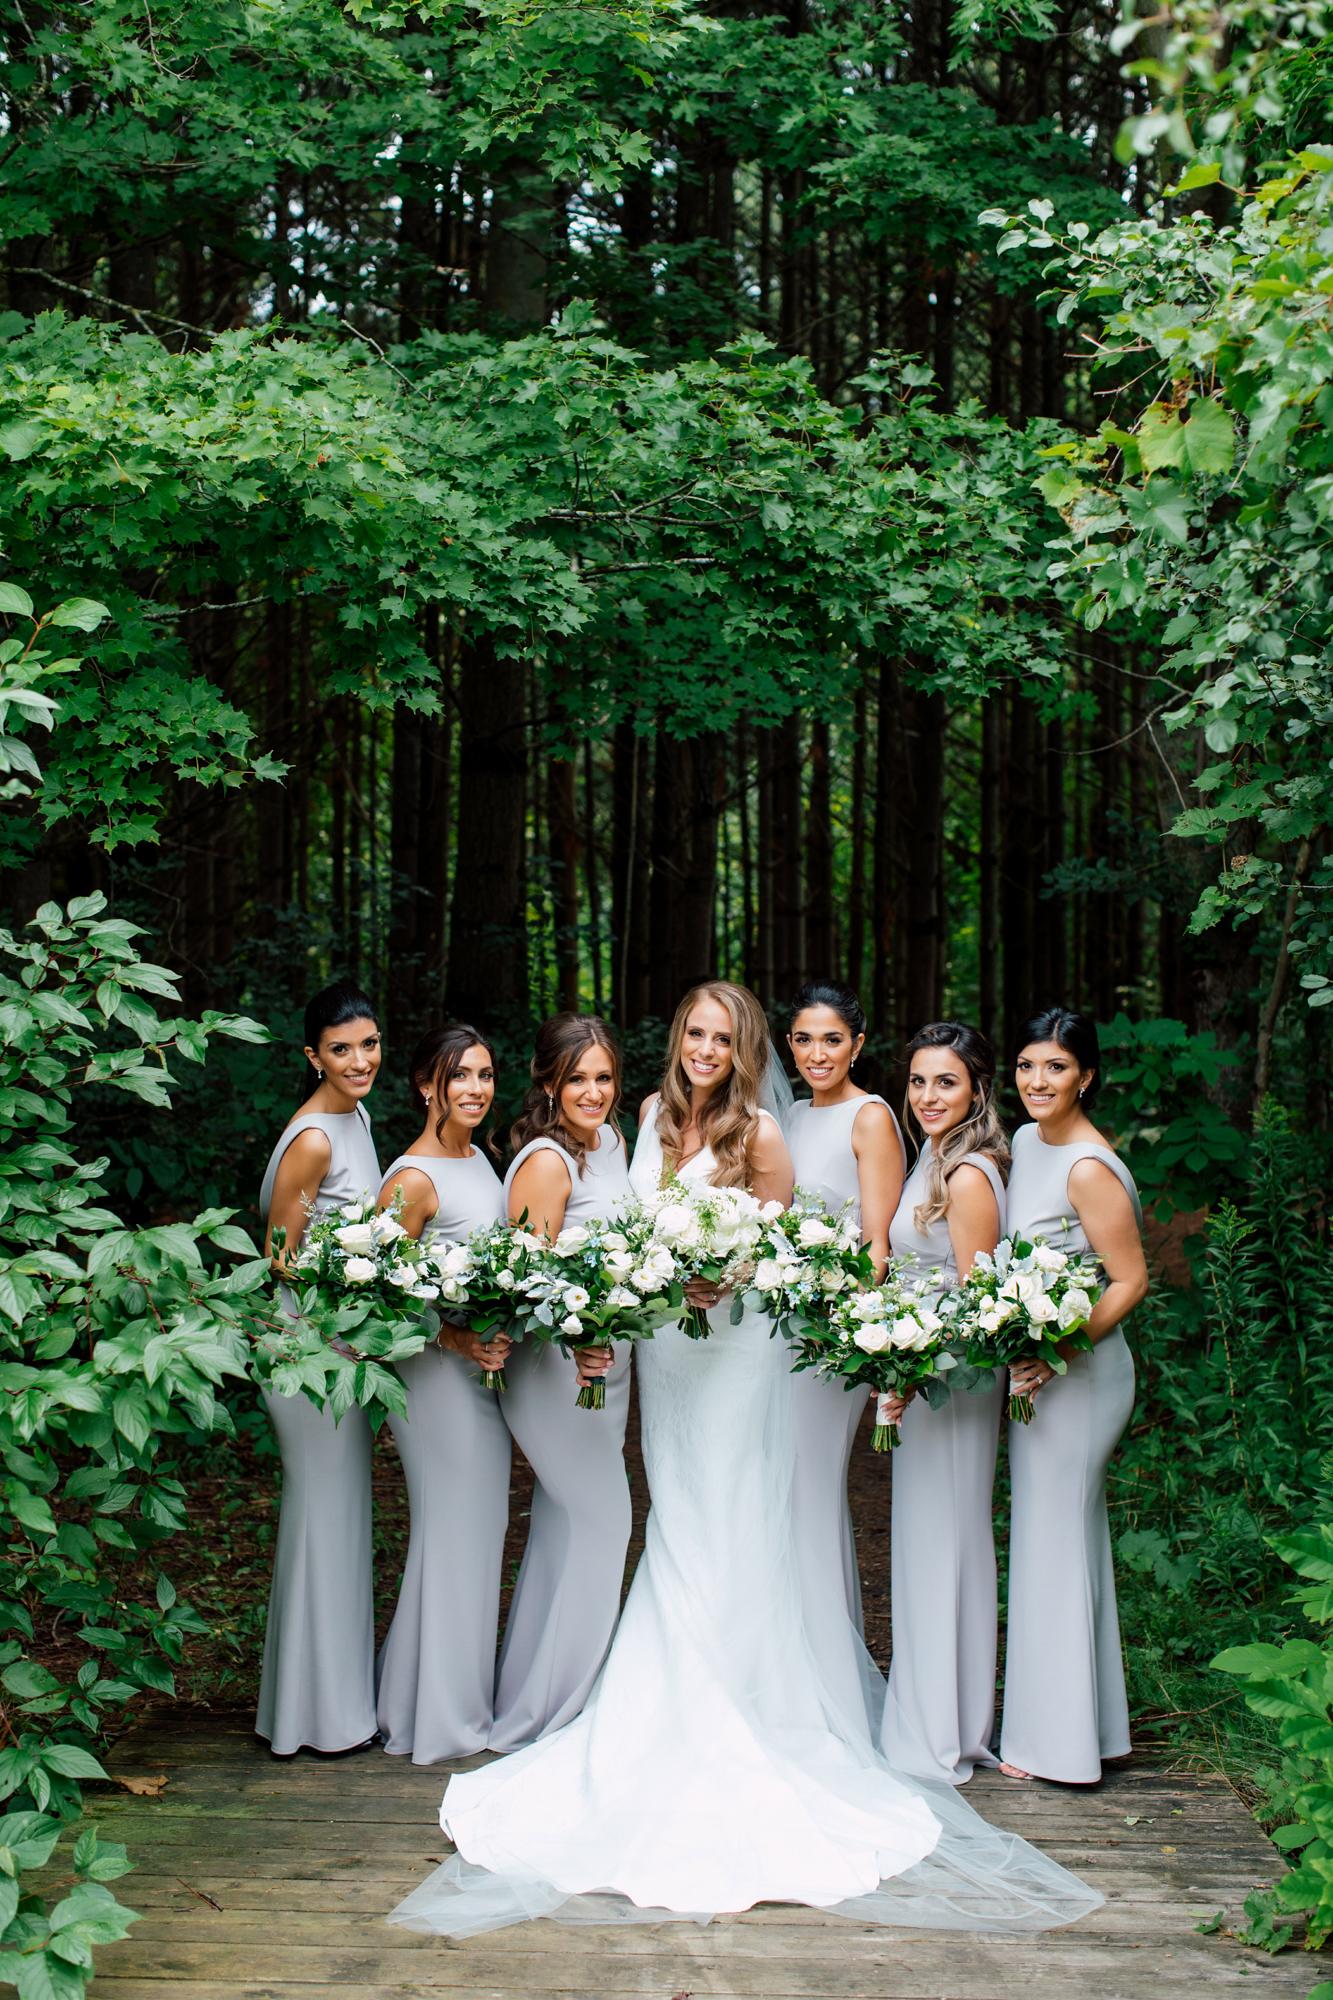 grey bridesmaids outdoors